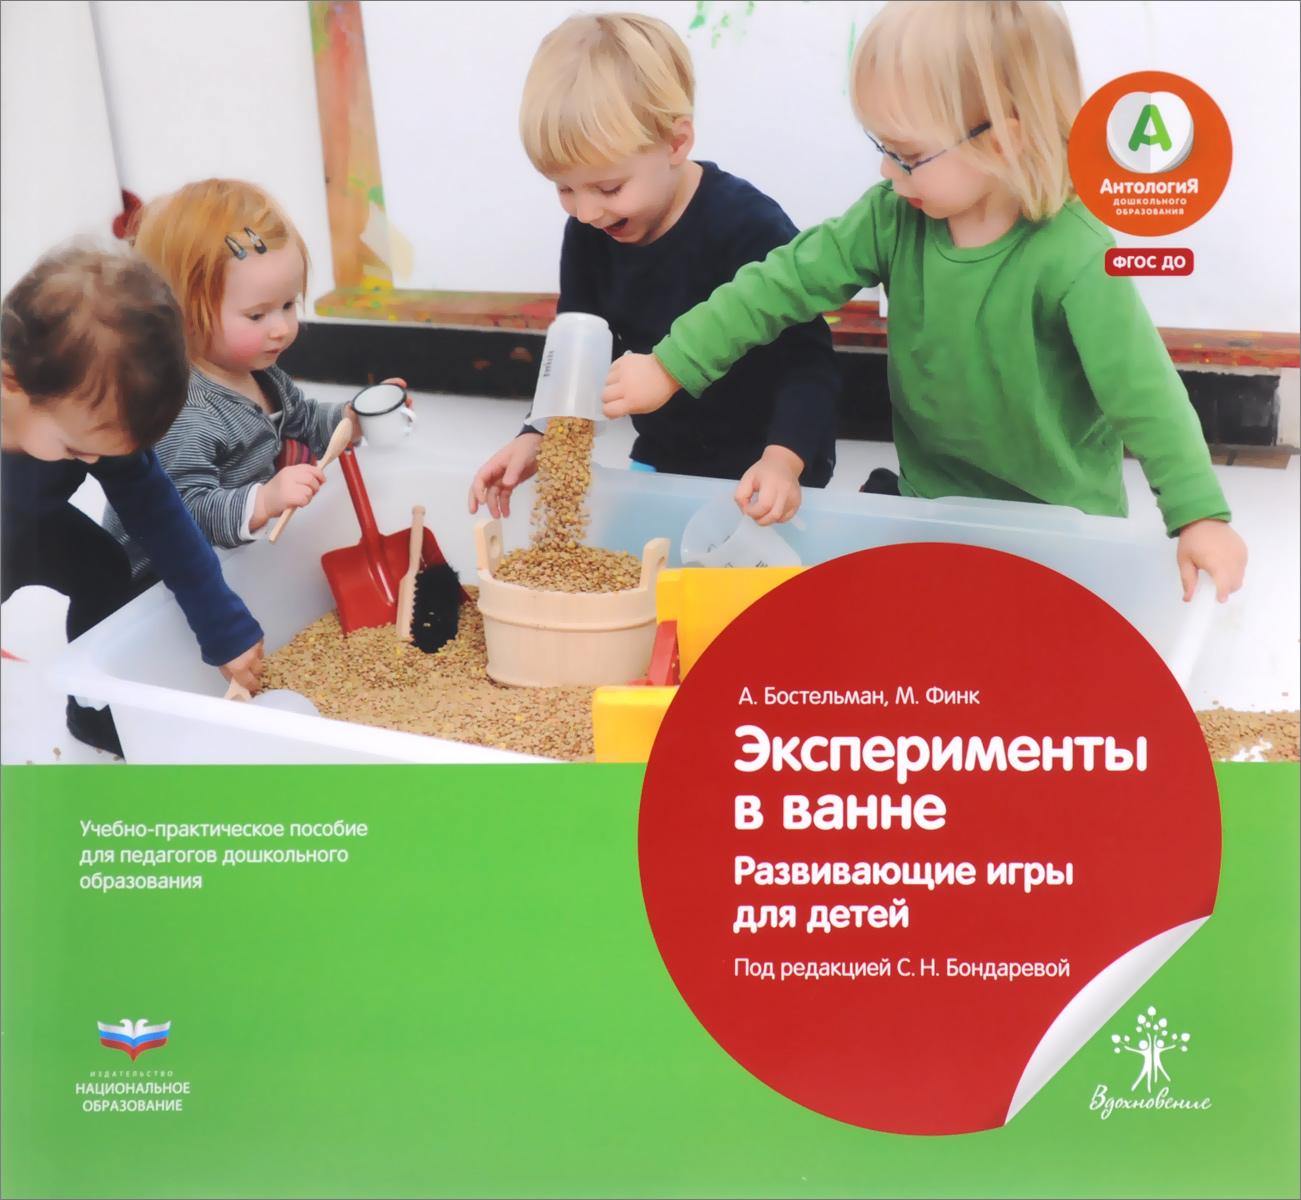 Эксперименты в ванне. Развивающие игры для детей. Учебно-практическое пособие для педагогов дошкольного образования